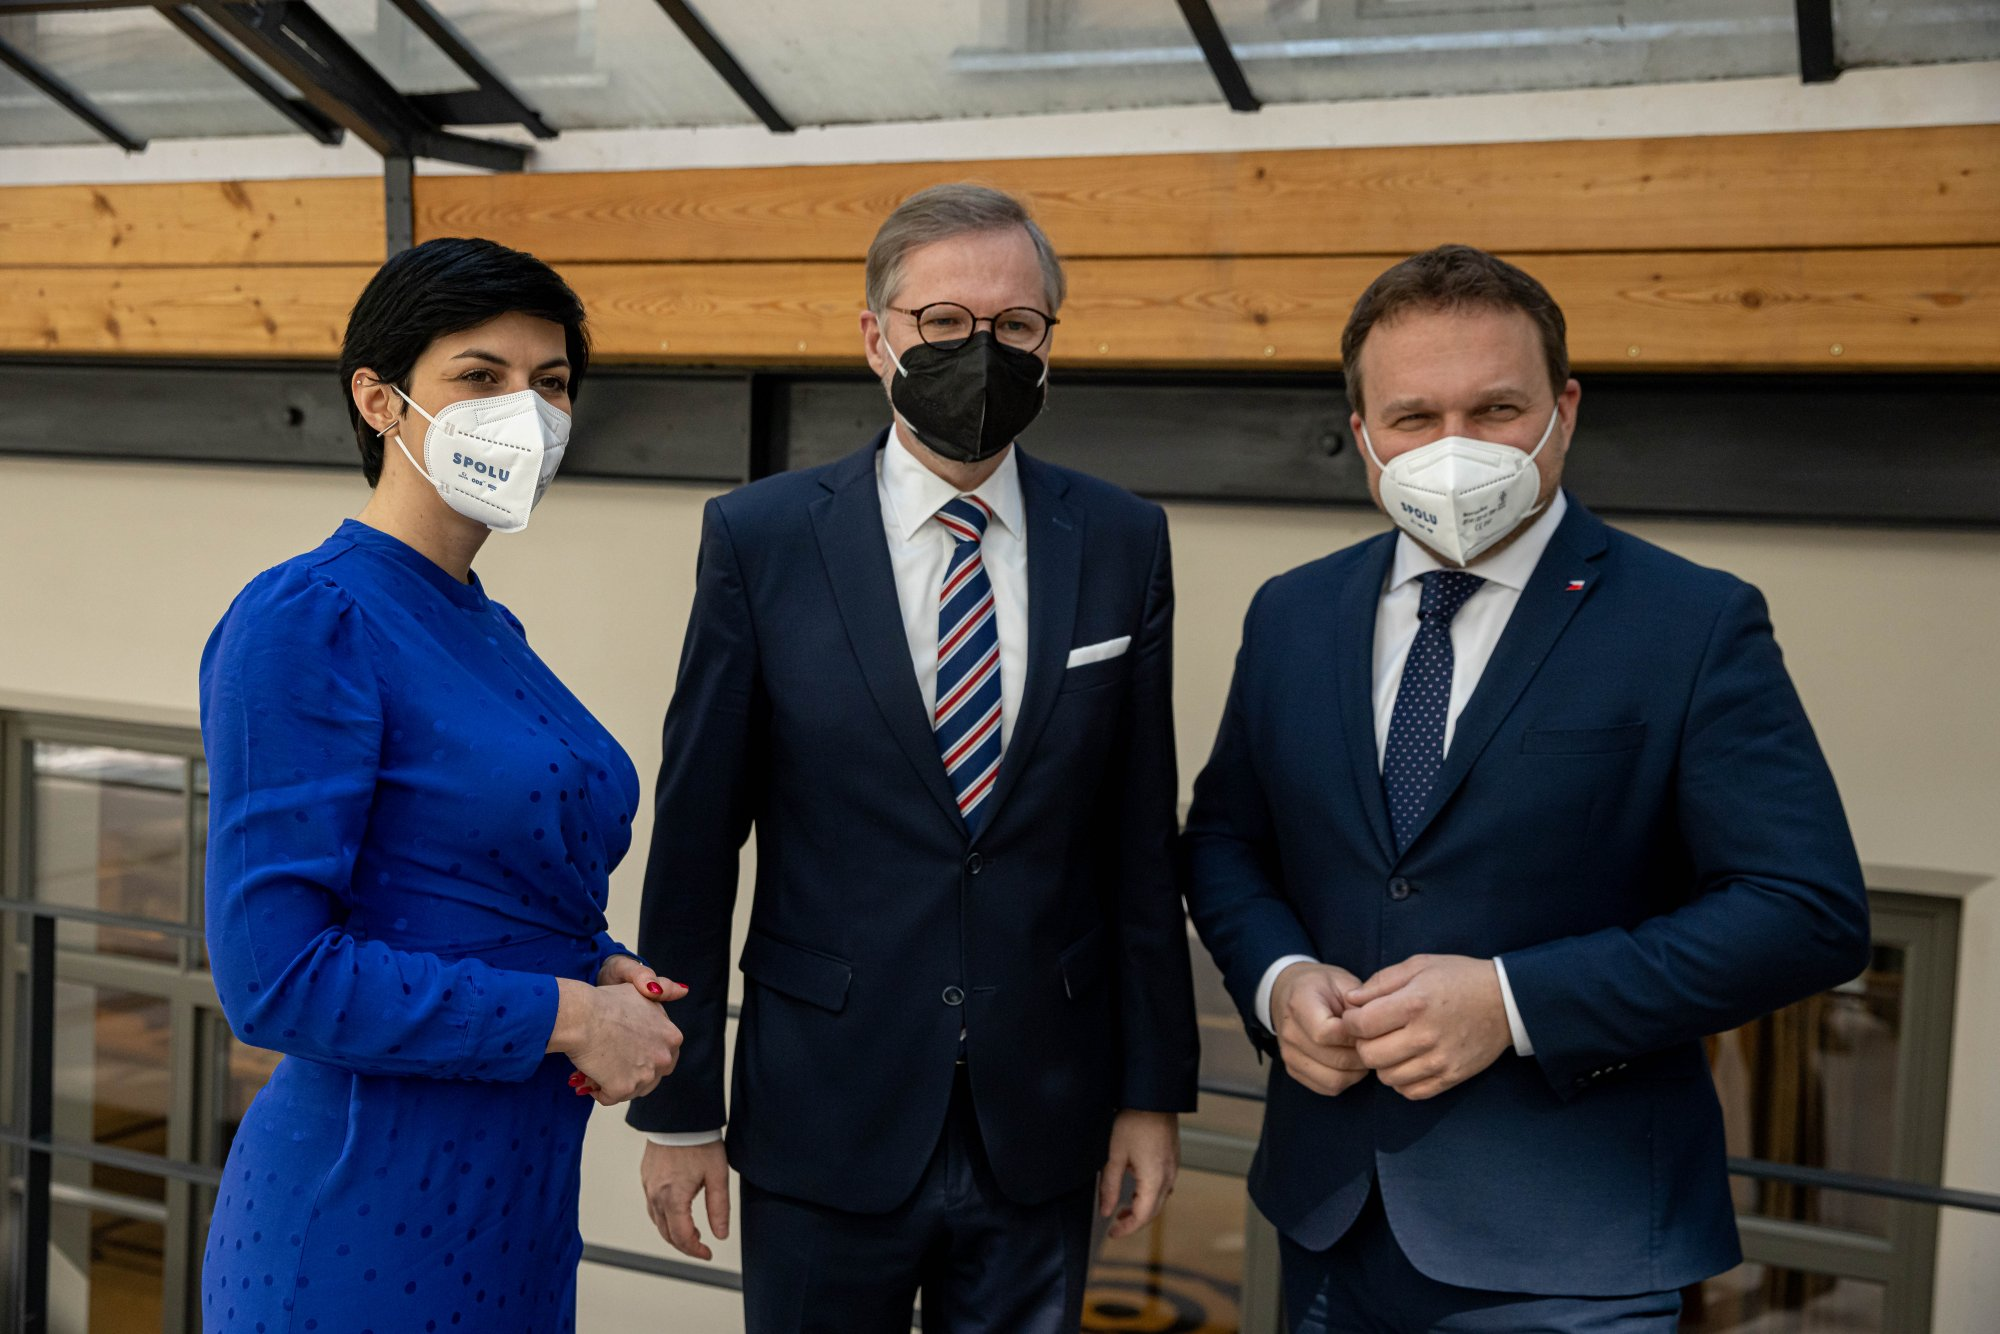 SPOLU: Došlo k teroristickému činu, premiér musí svolat summit Evropské rady a koordinovat postup vůči Rusku se spojenci z NATO